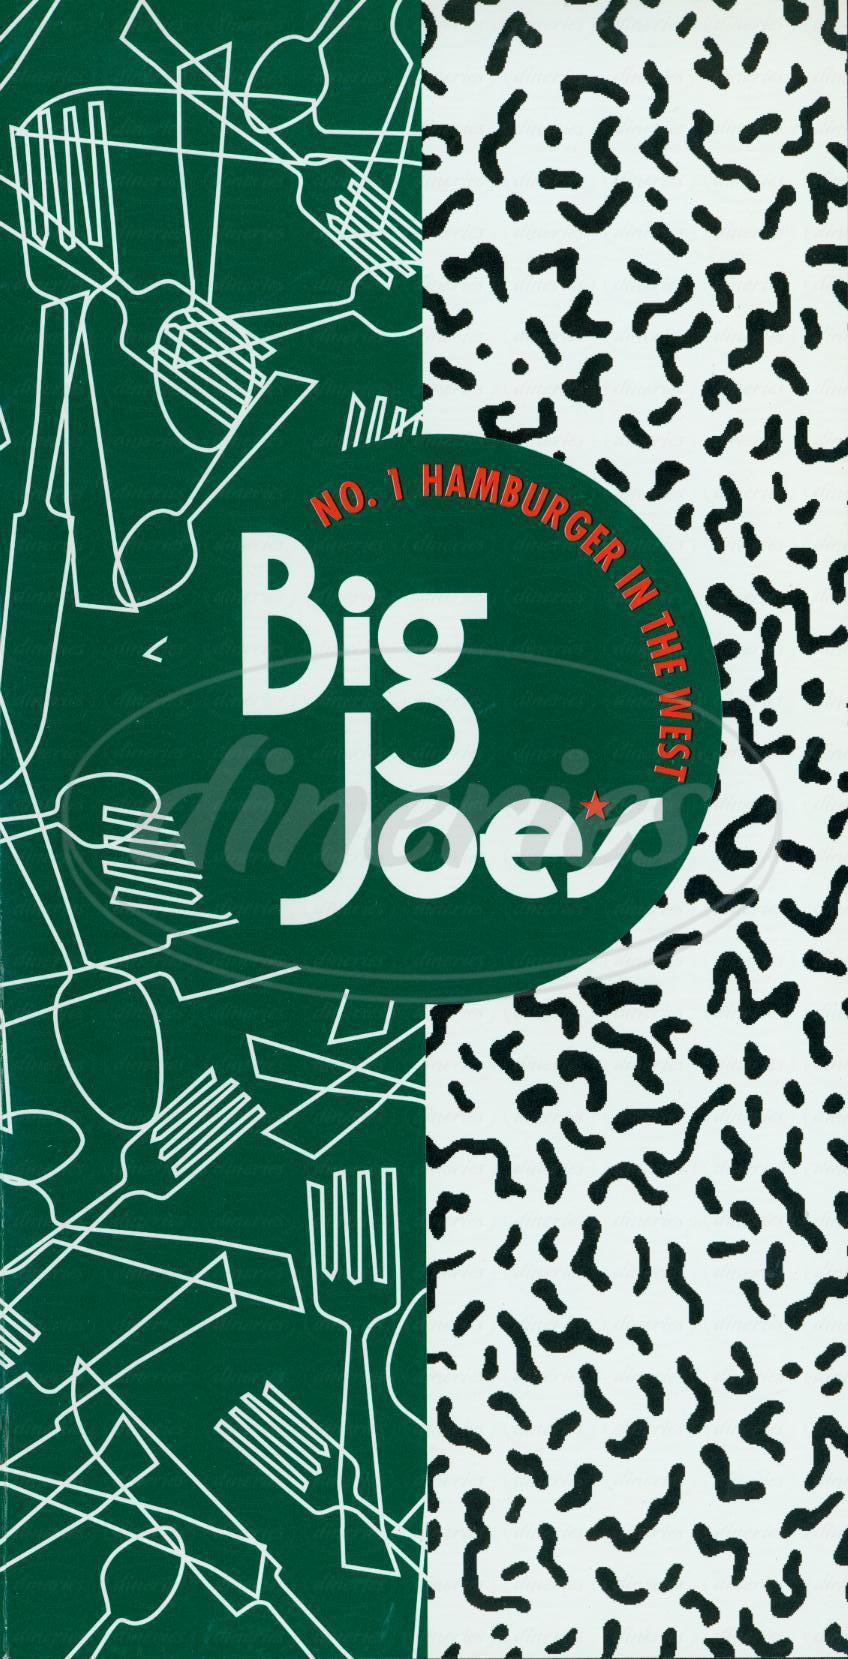 menu for Big Joe's